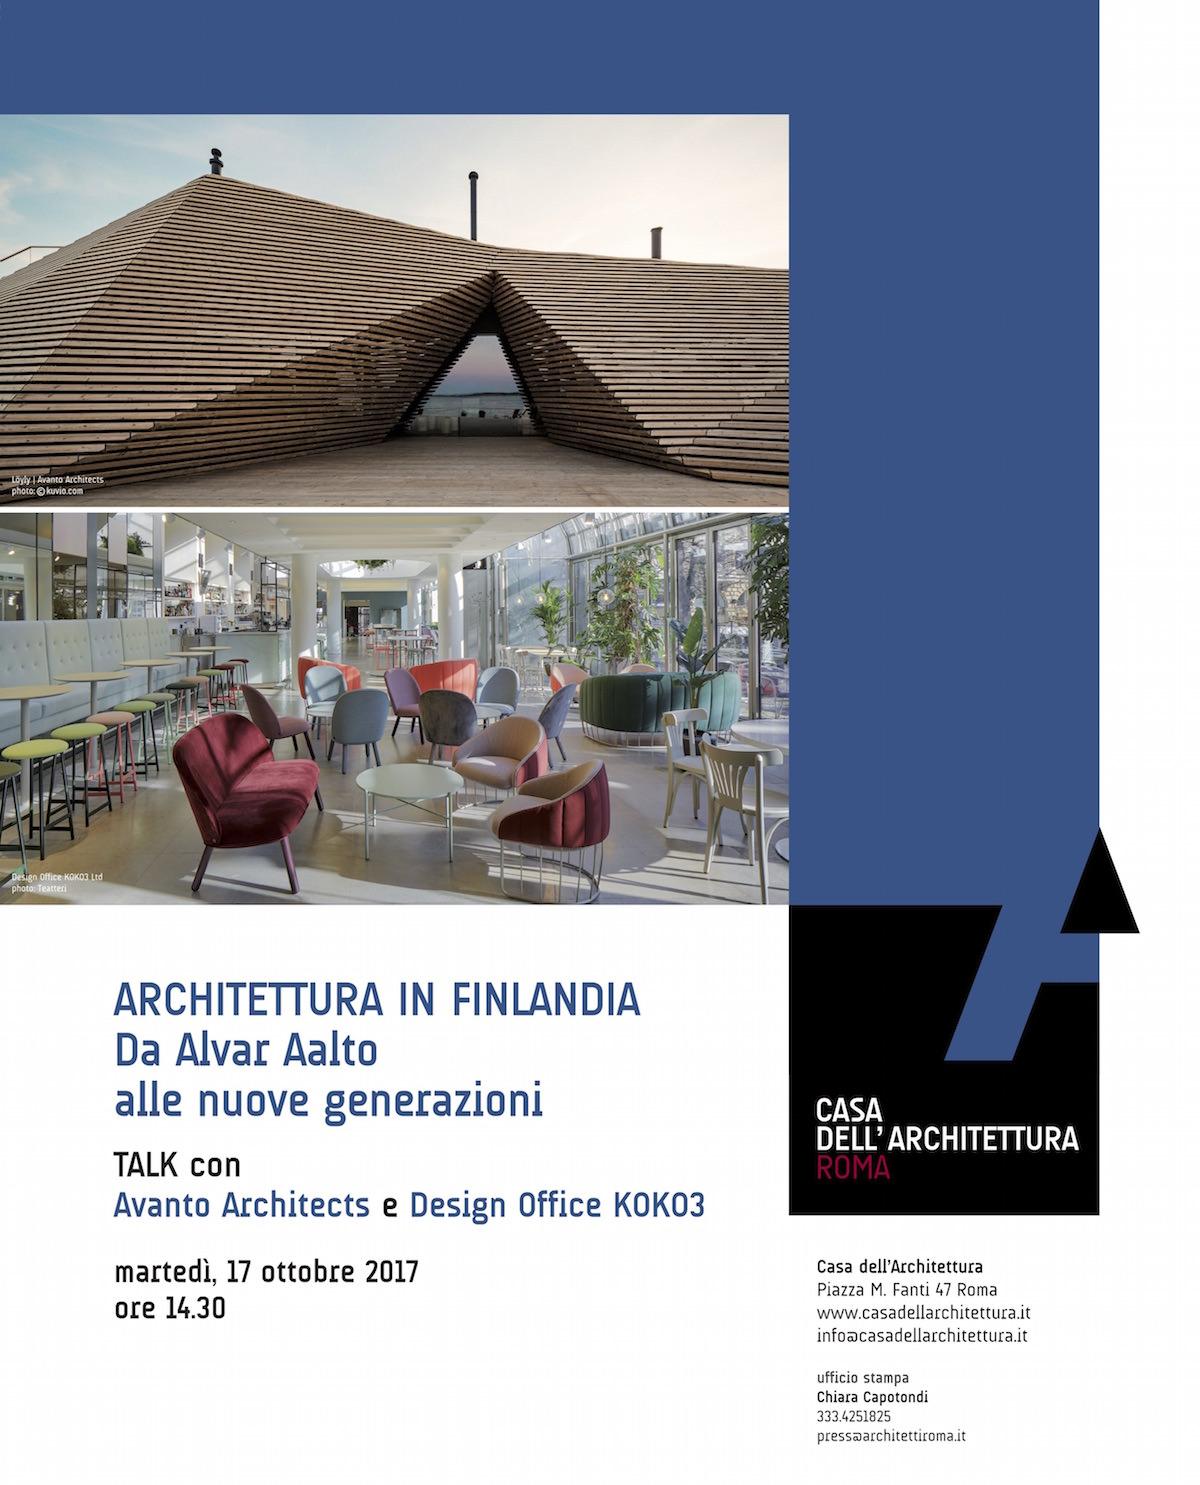 Architettura in Finlandia